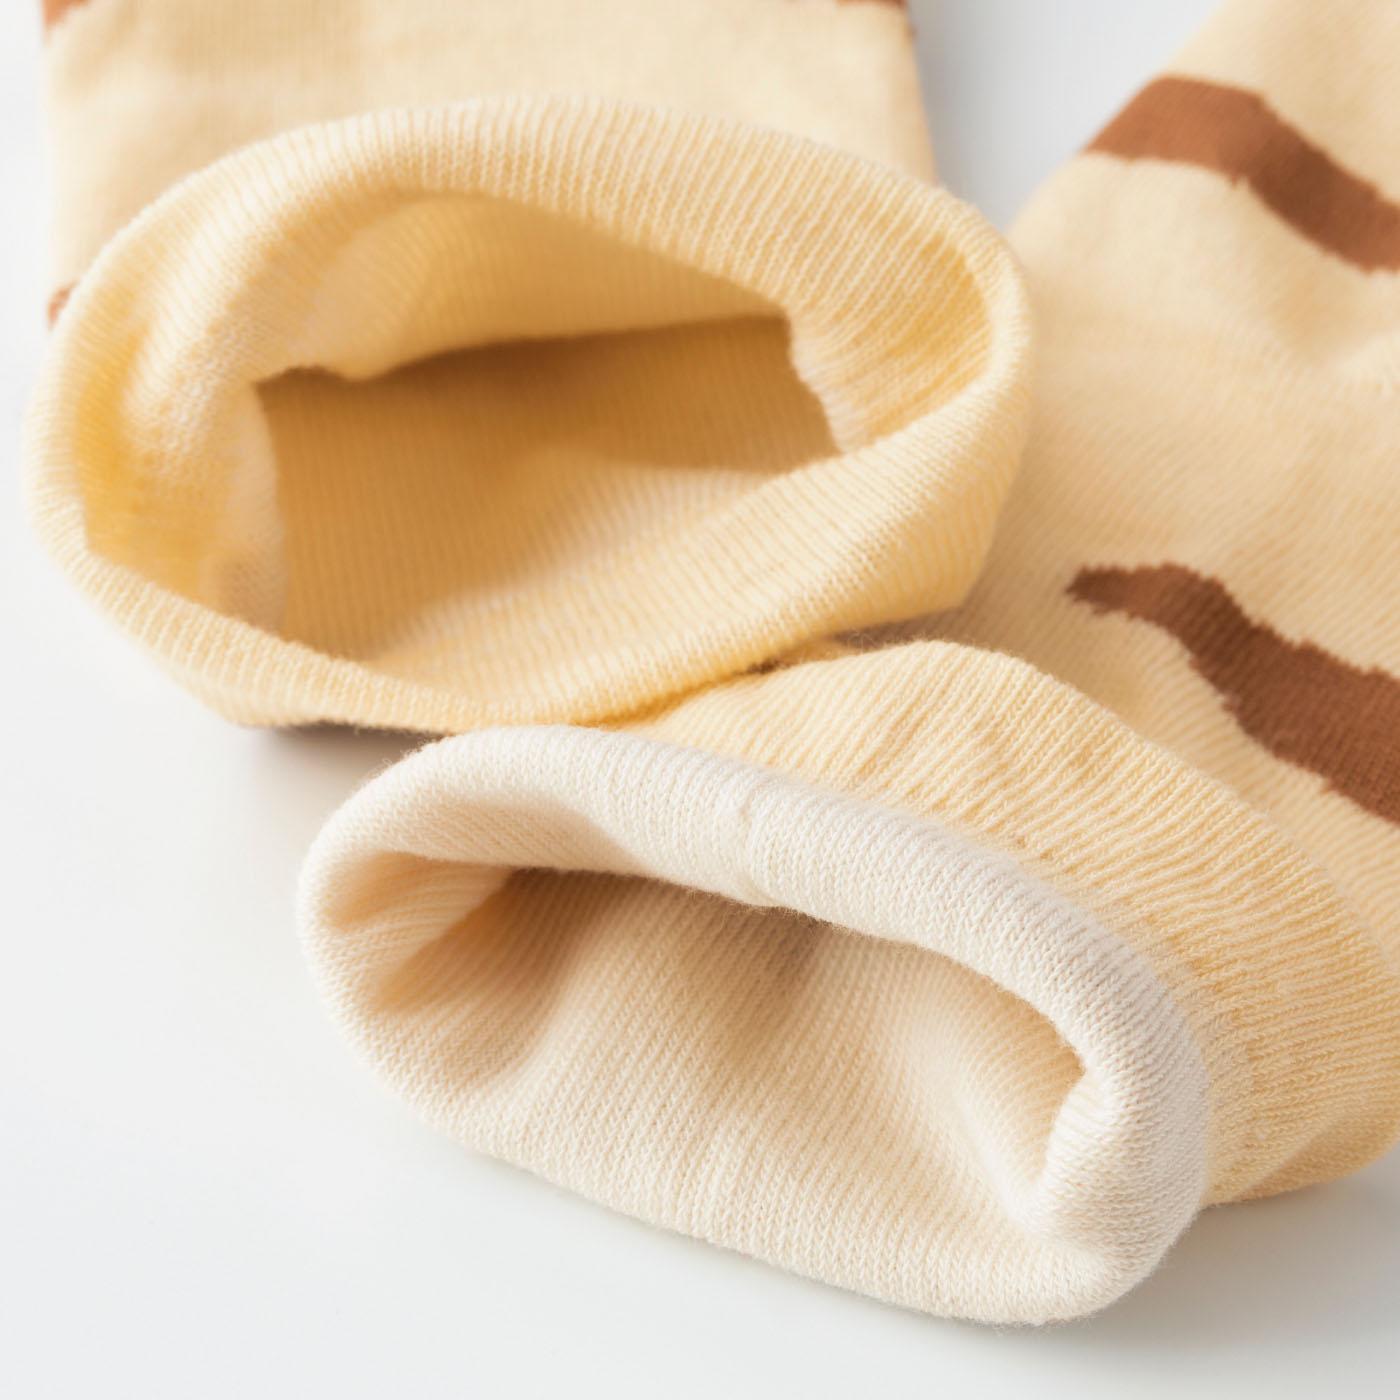 内側はやわらかい綿混素材で春夏にうれしいサラッとした肌ざわり。